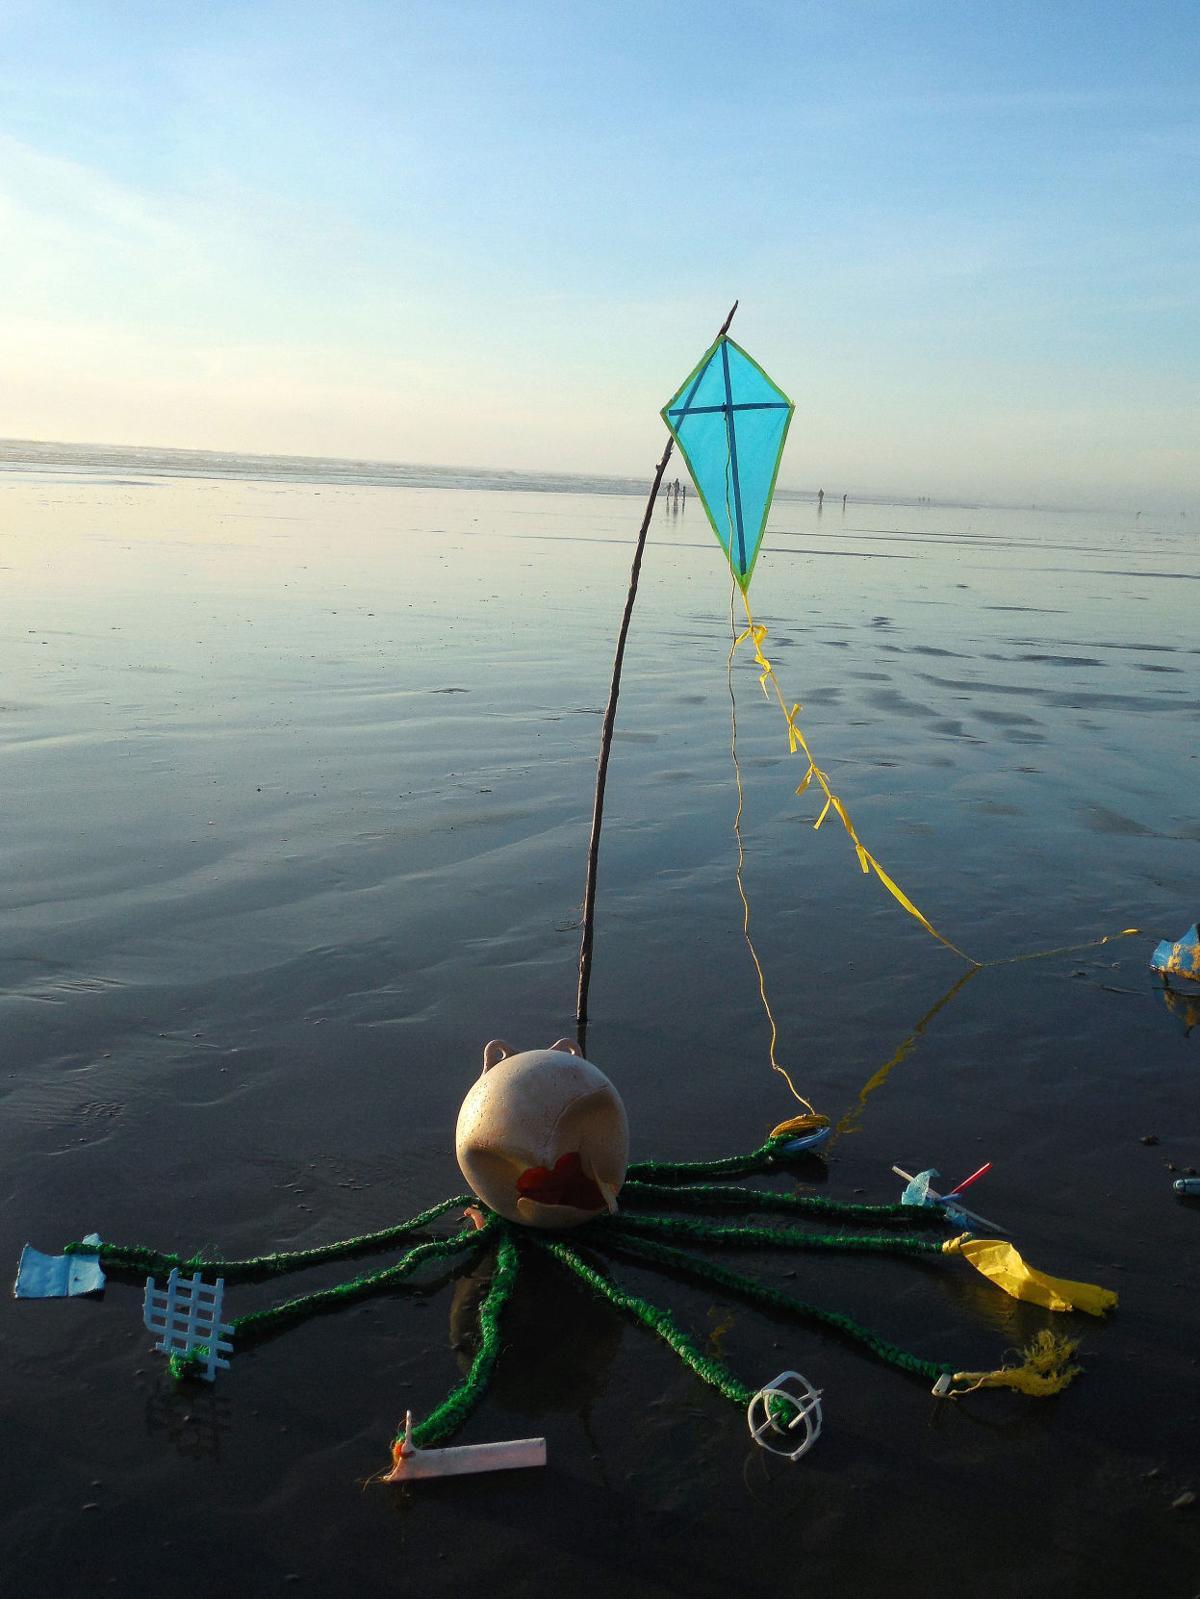 Artist transforms marine debris